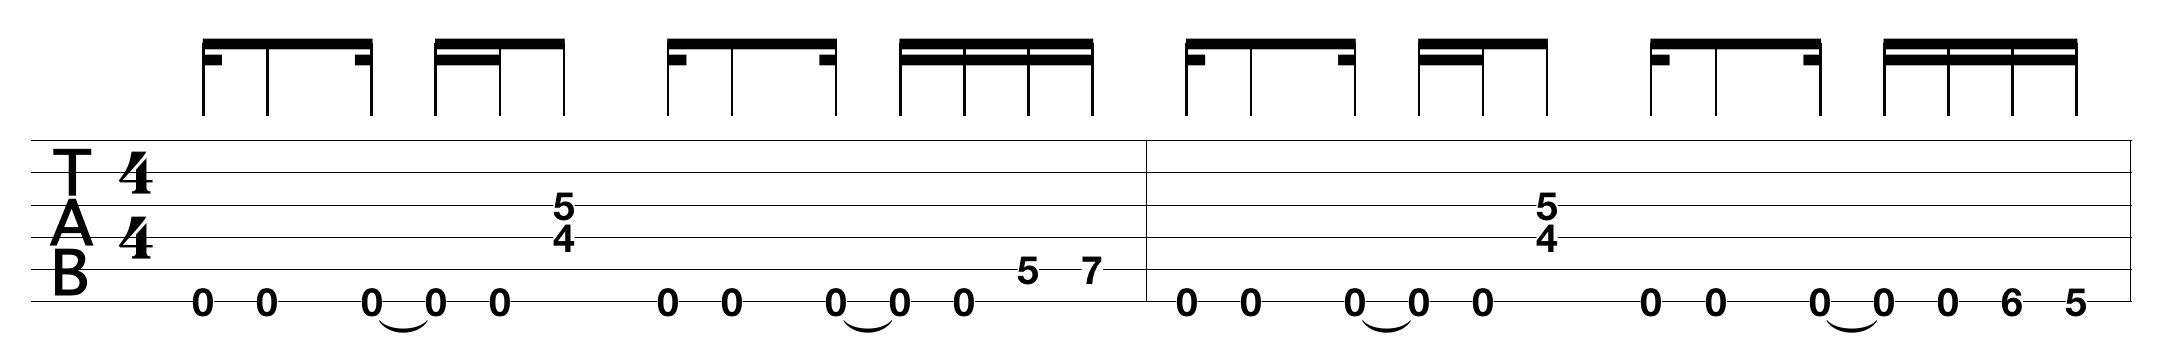 easy-metal-guitar-tabs_1.png